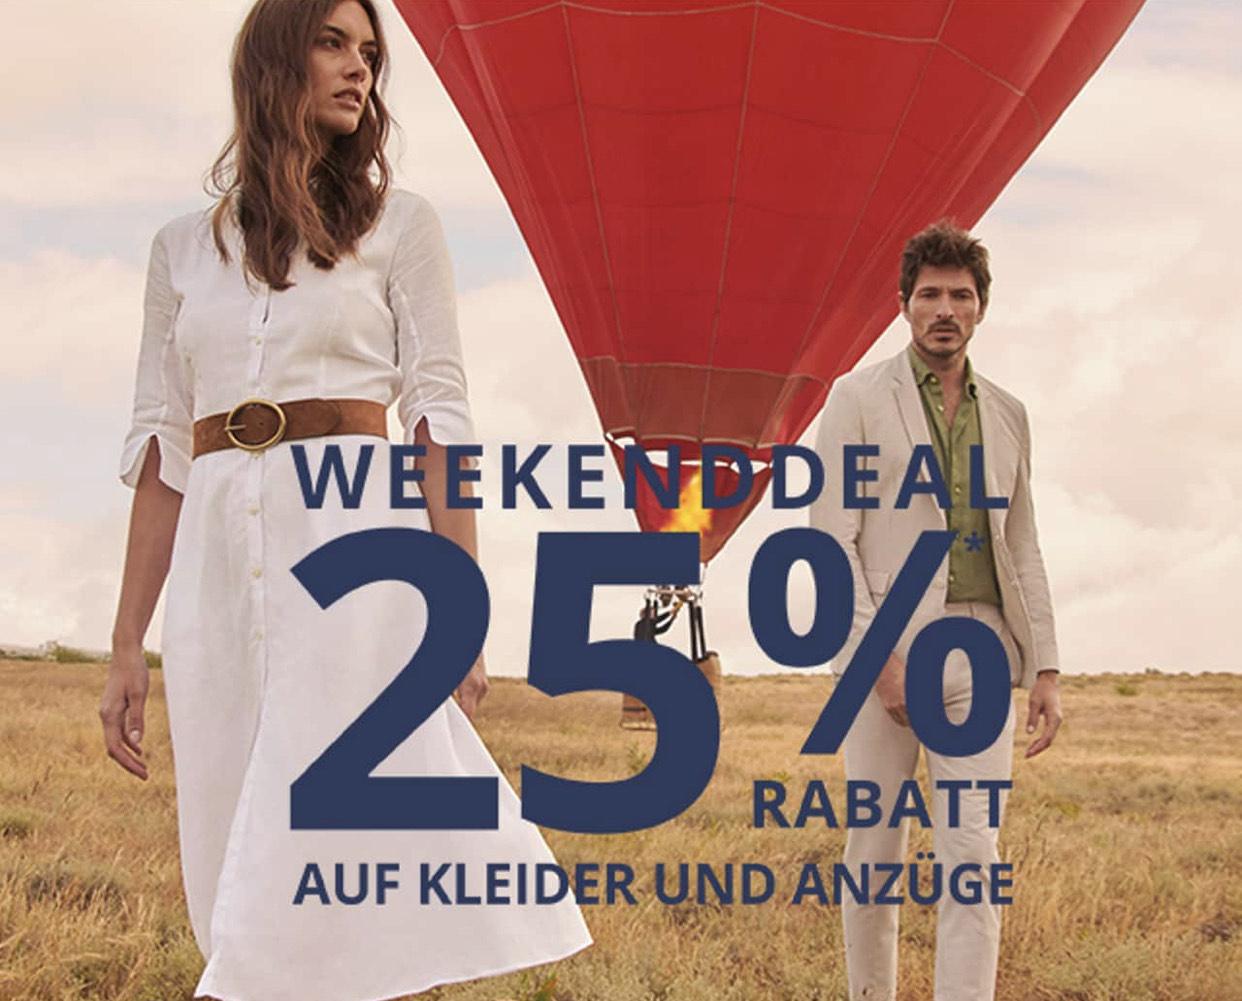 Peek & Cloppenburg - 25% Rabatt auf alle Kleider und Anzüge